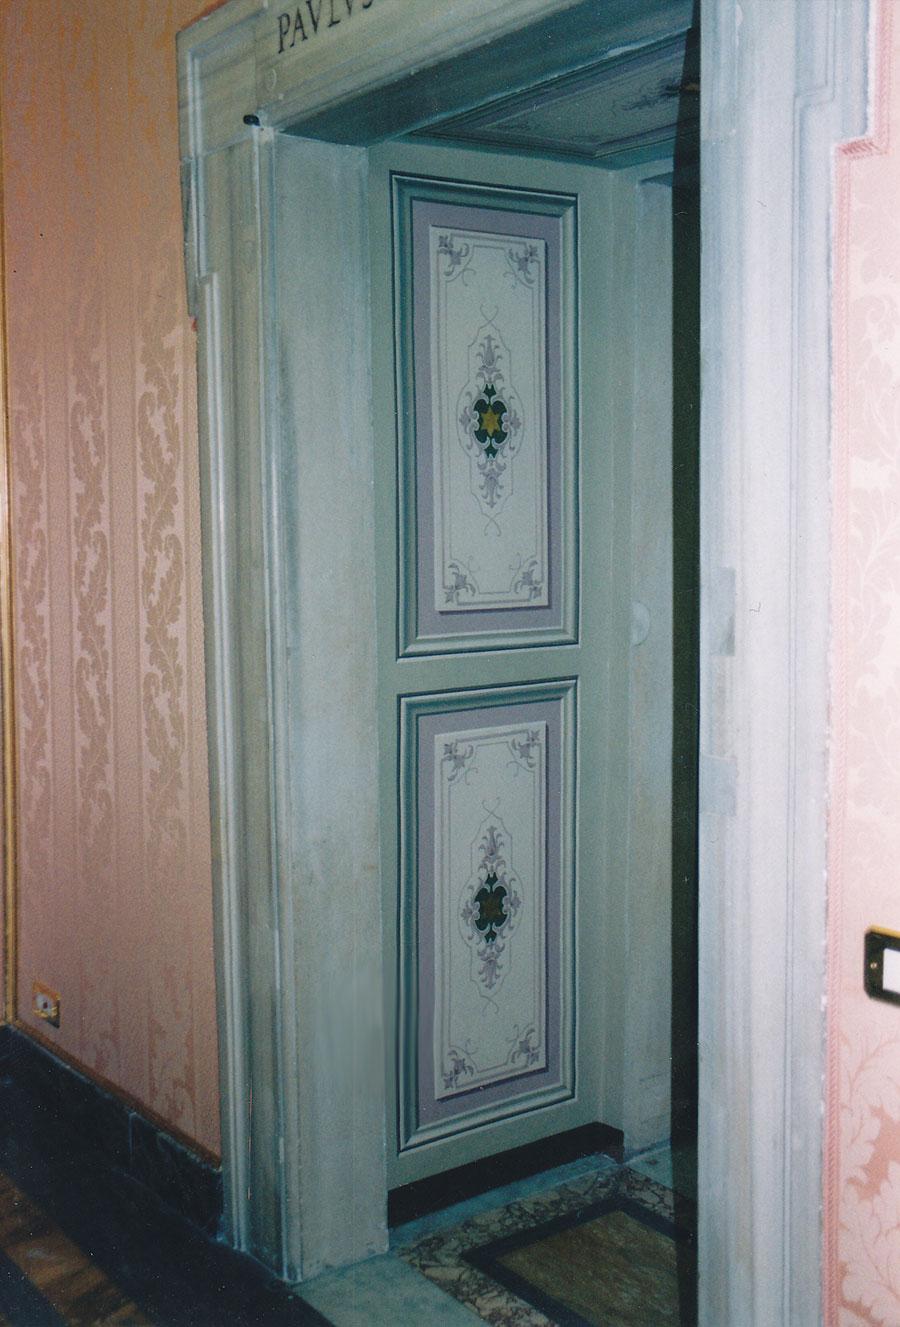 Decorazione eseguita su tela e montata su parete, riprodotta da una decorazione esistente. Sala delle Dame, Palazzo Apostolico (Vaticano). Rosa Decorazioni.